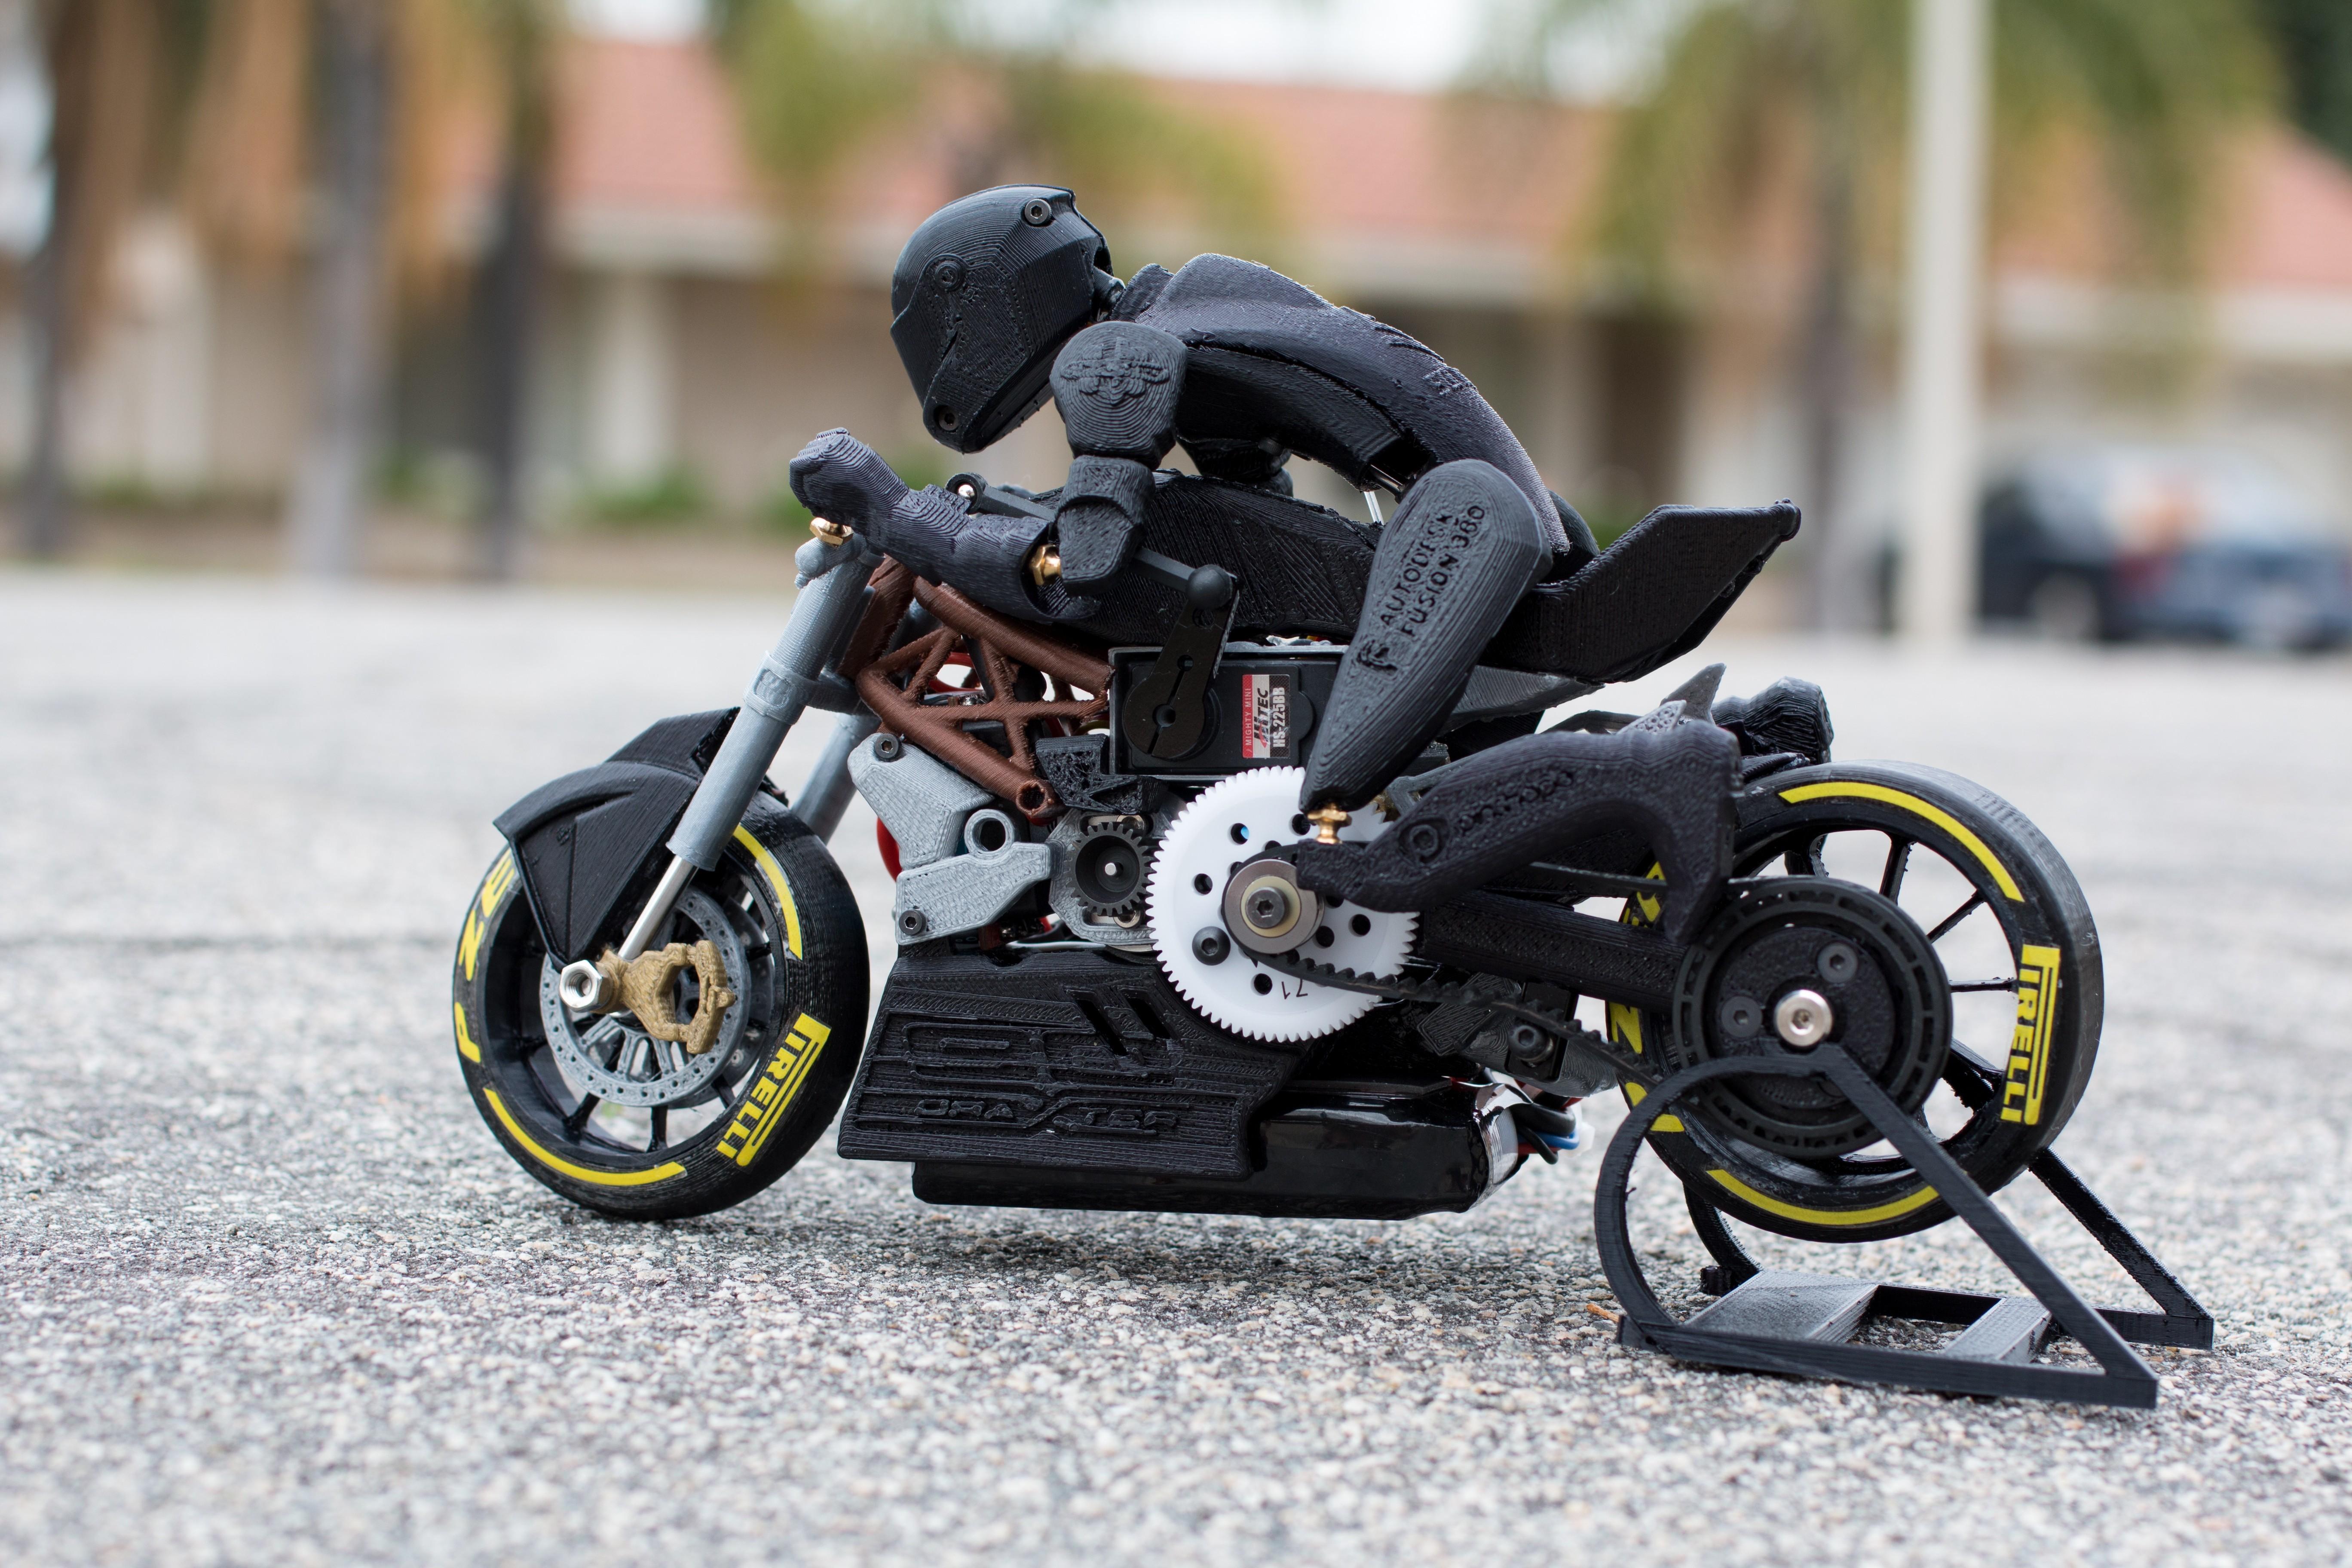 _MG_4459.jpg Télécharger fichier STL gratuit 2016 Ducati Draxter Concept Drag Bike RC • Design à imprimer en 3D, brett